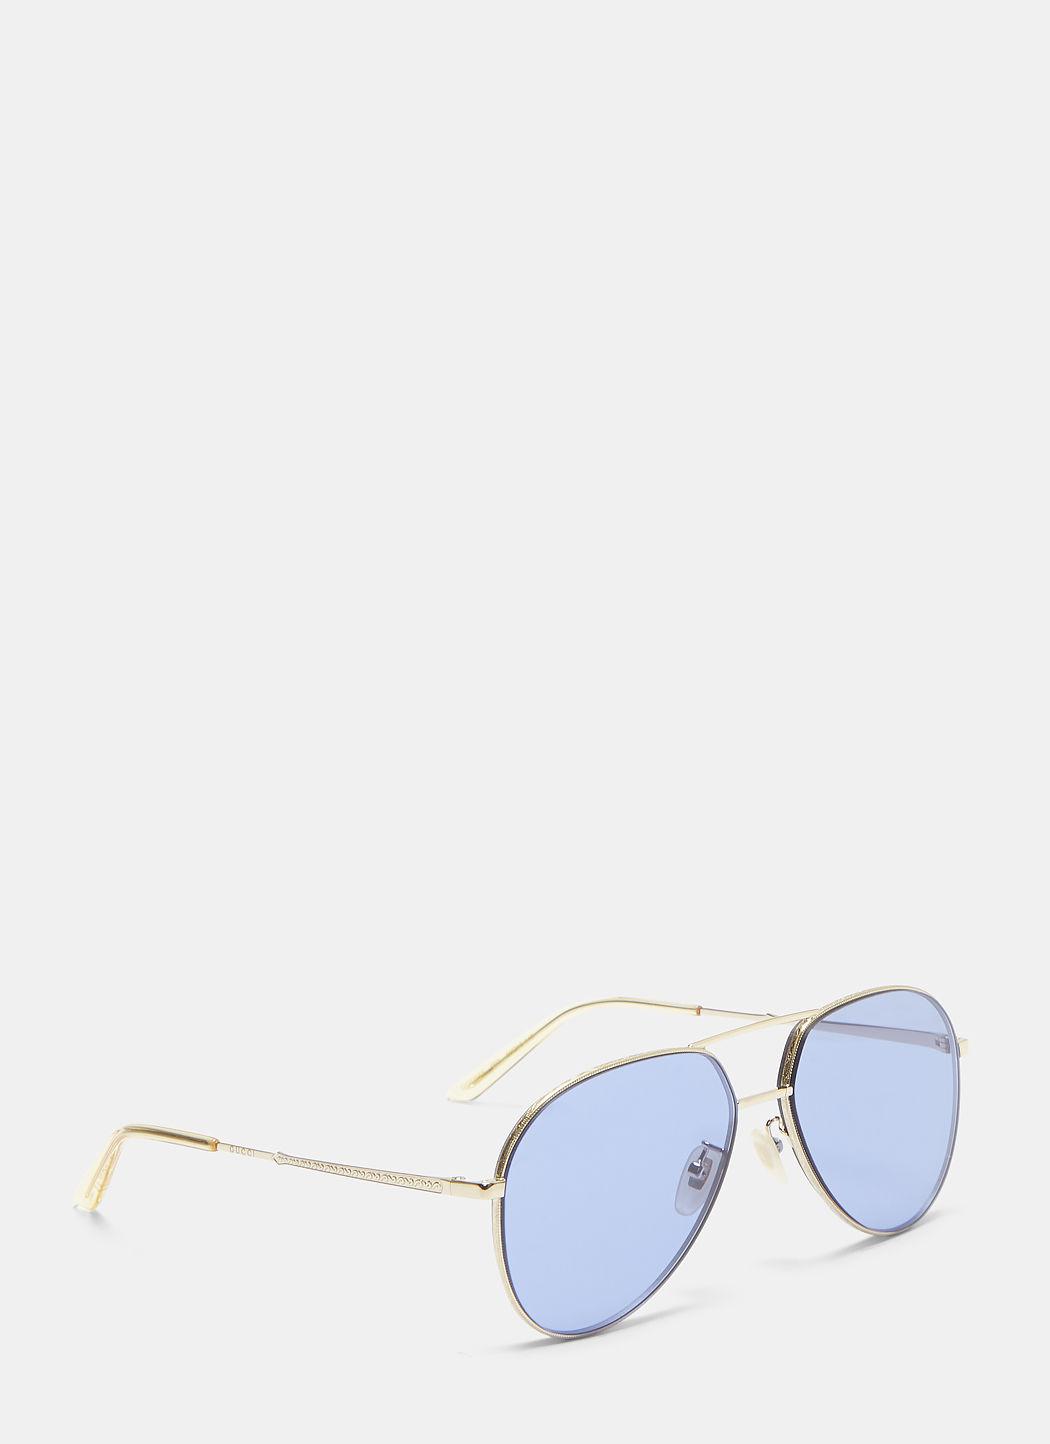 5155e837d1d Gucci Aviator Metal Sunglasses In Gold In Blue